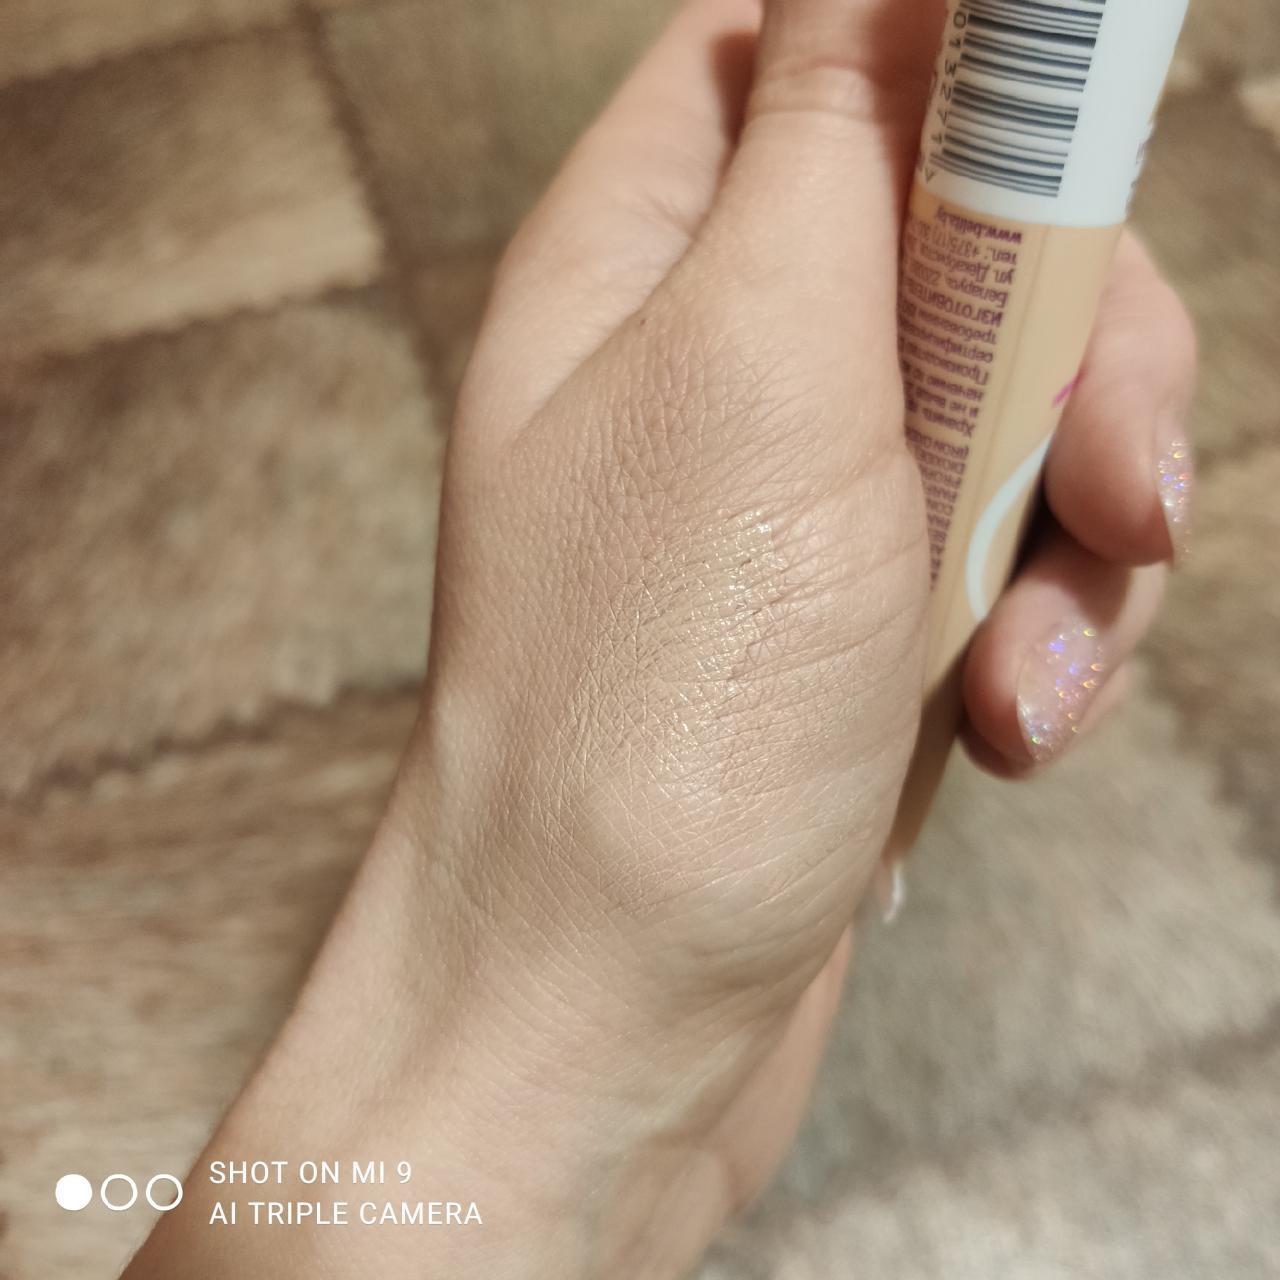 Отзыв на товар: Крем-корректор тональный для проблемной кожи. Белита - Витекс. Вид 2 от 1617701974